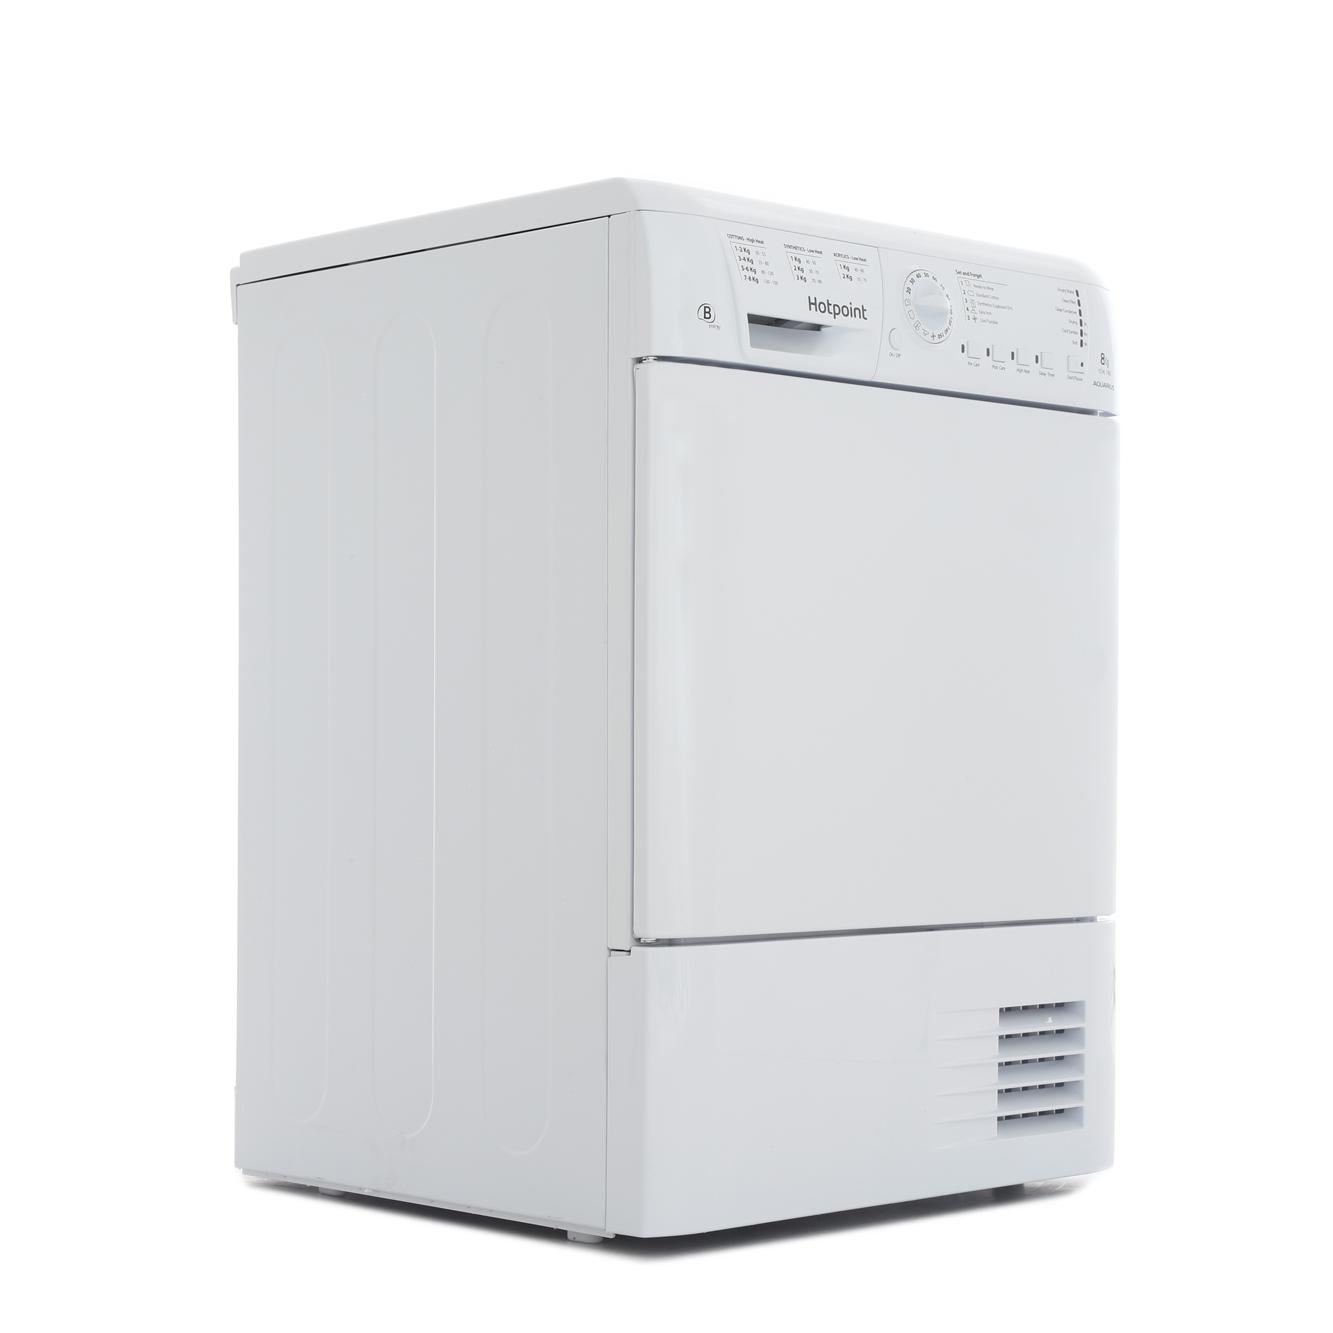 Hotpoint Aquarius TCHL780BP Condenser Dryer